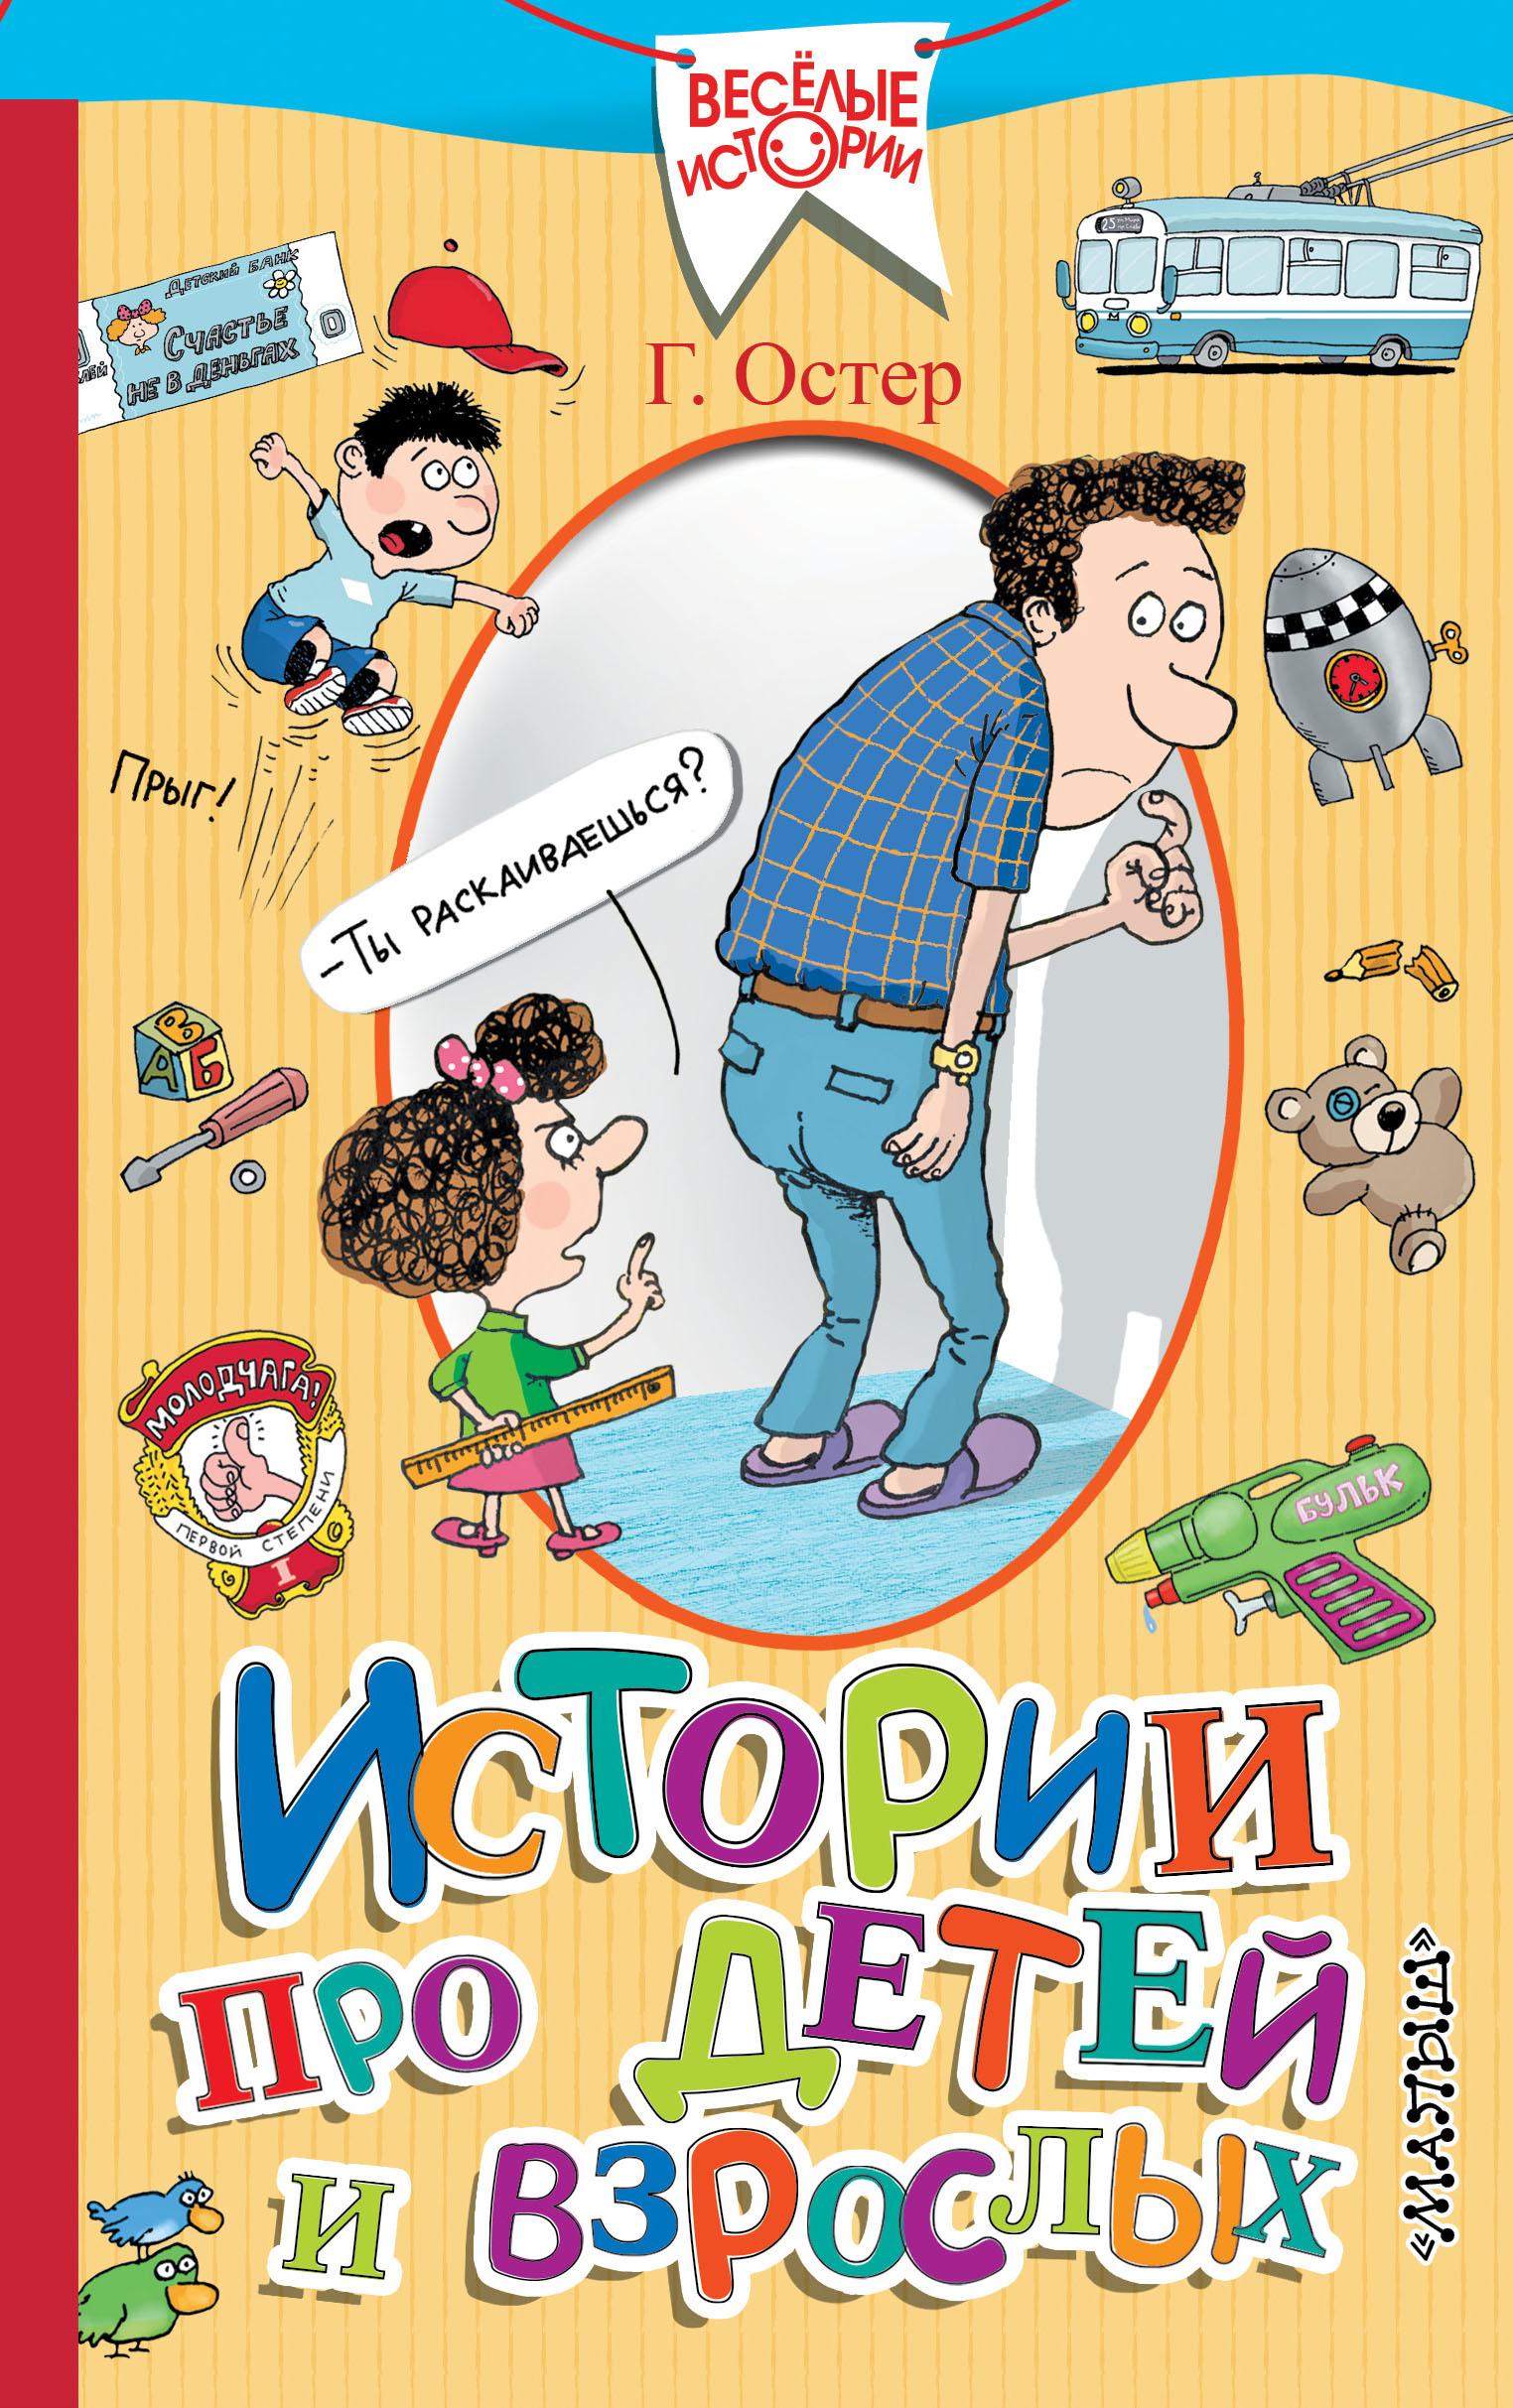 Г. Остер Истории про детей и взрослых остер г б истории про детей и взрослых